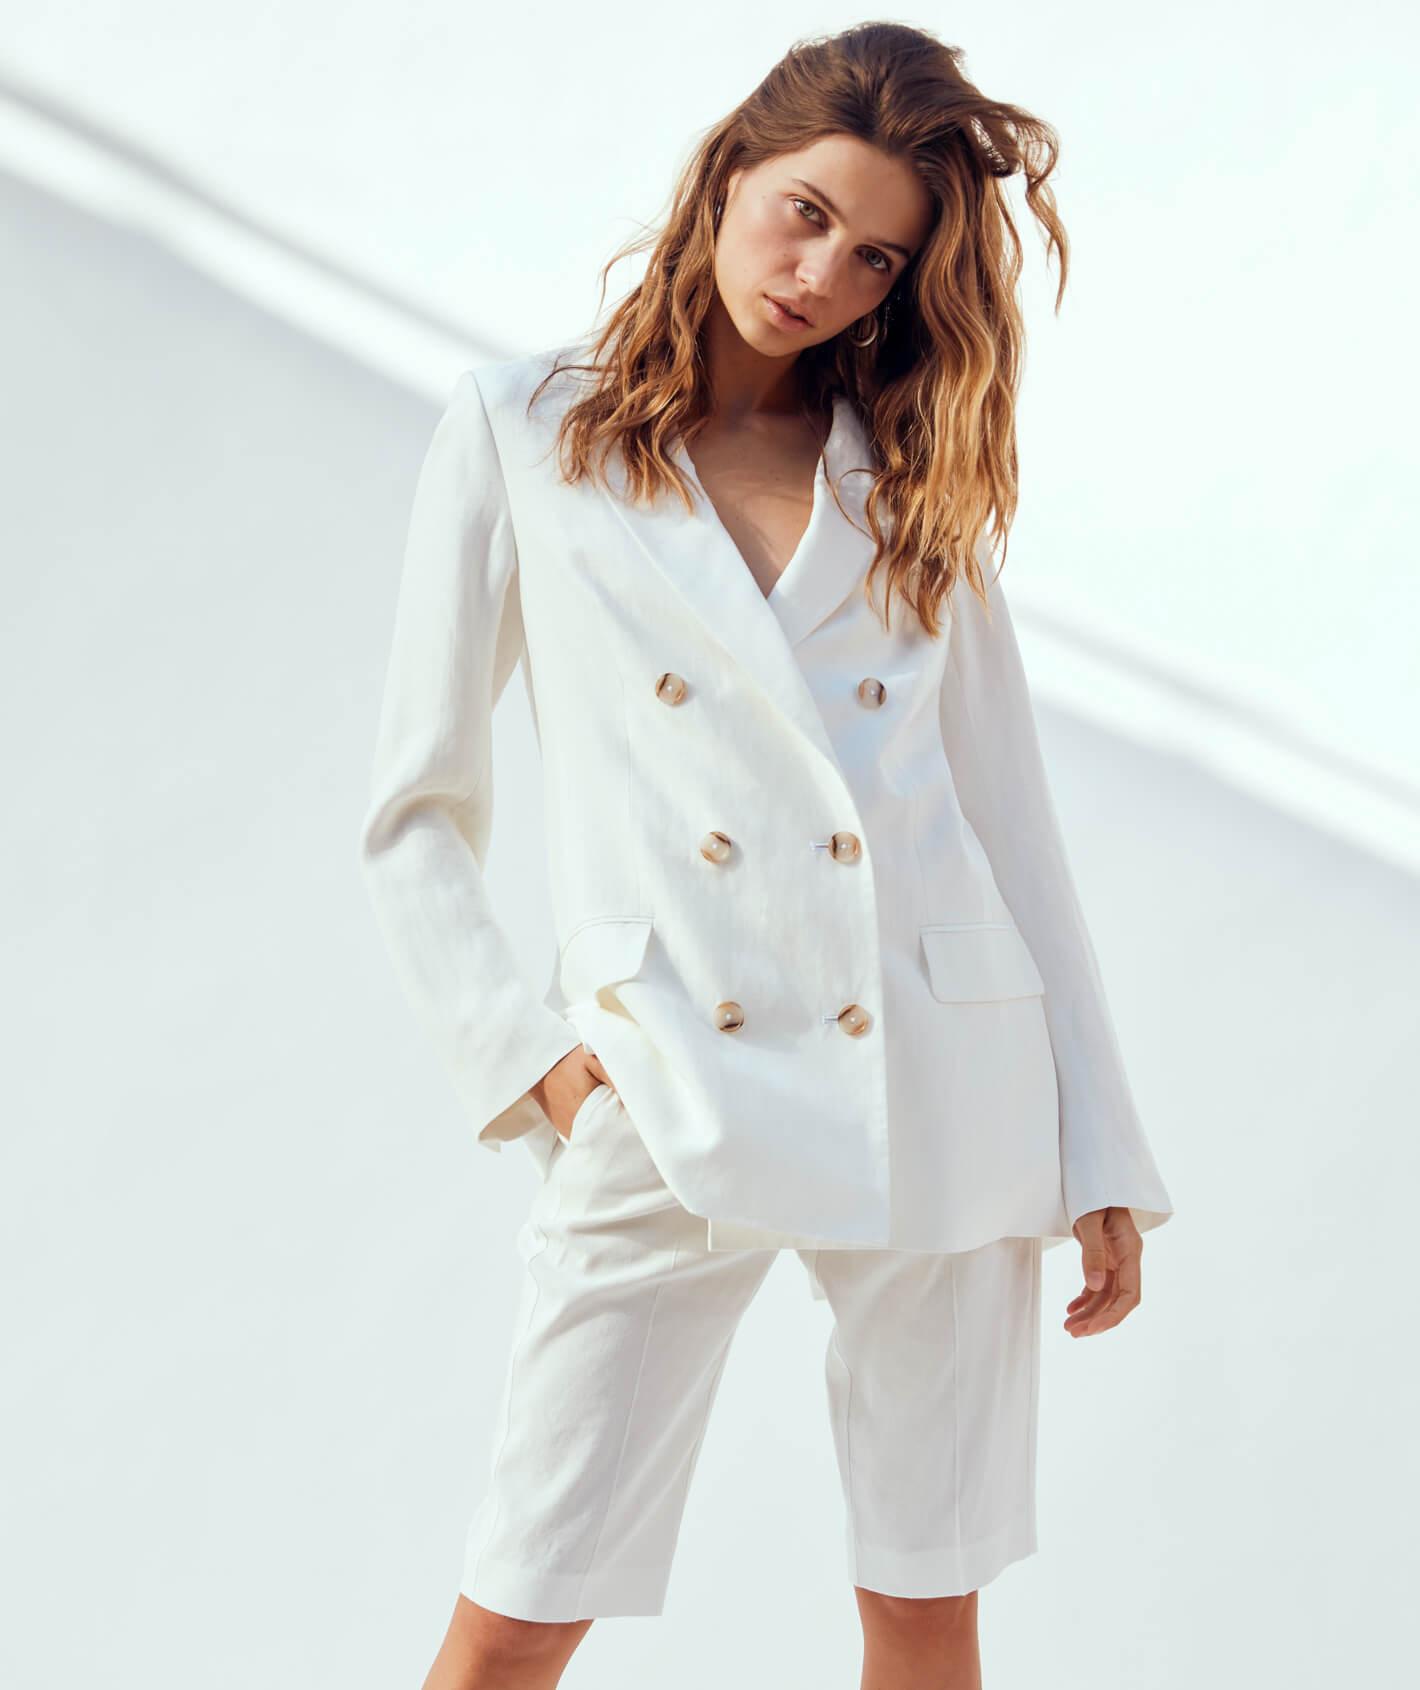 ad8224fc60f Women s Fashion Boutique